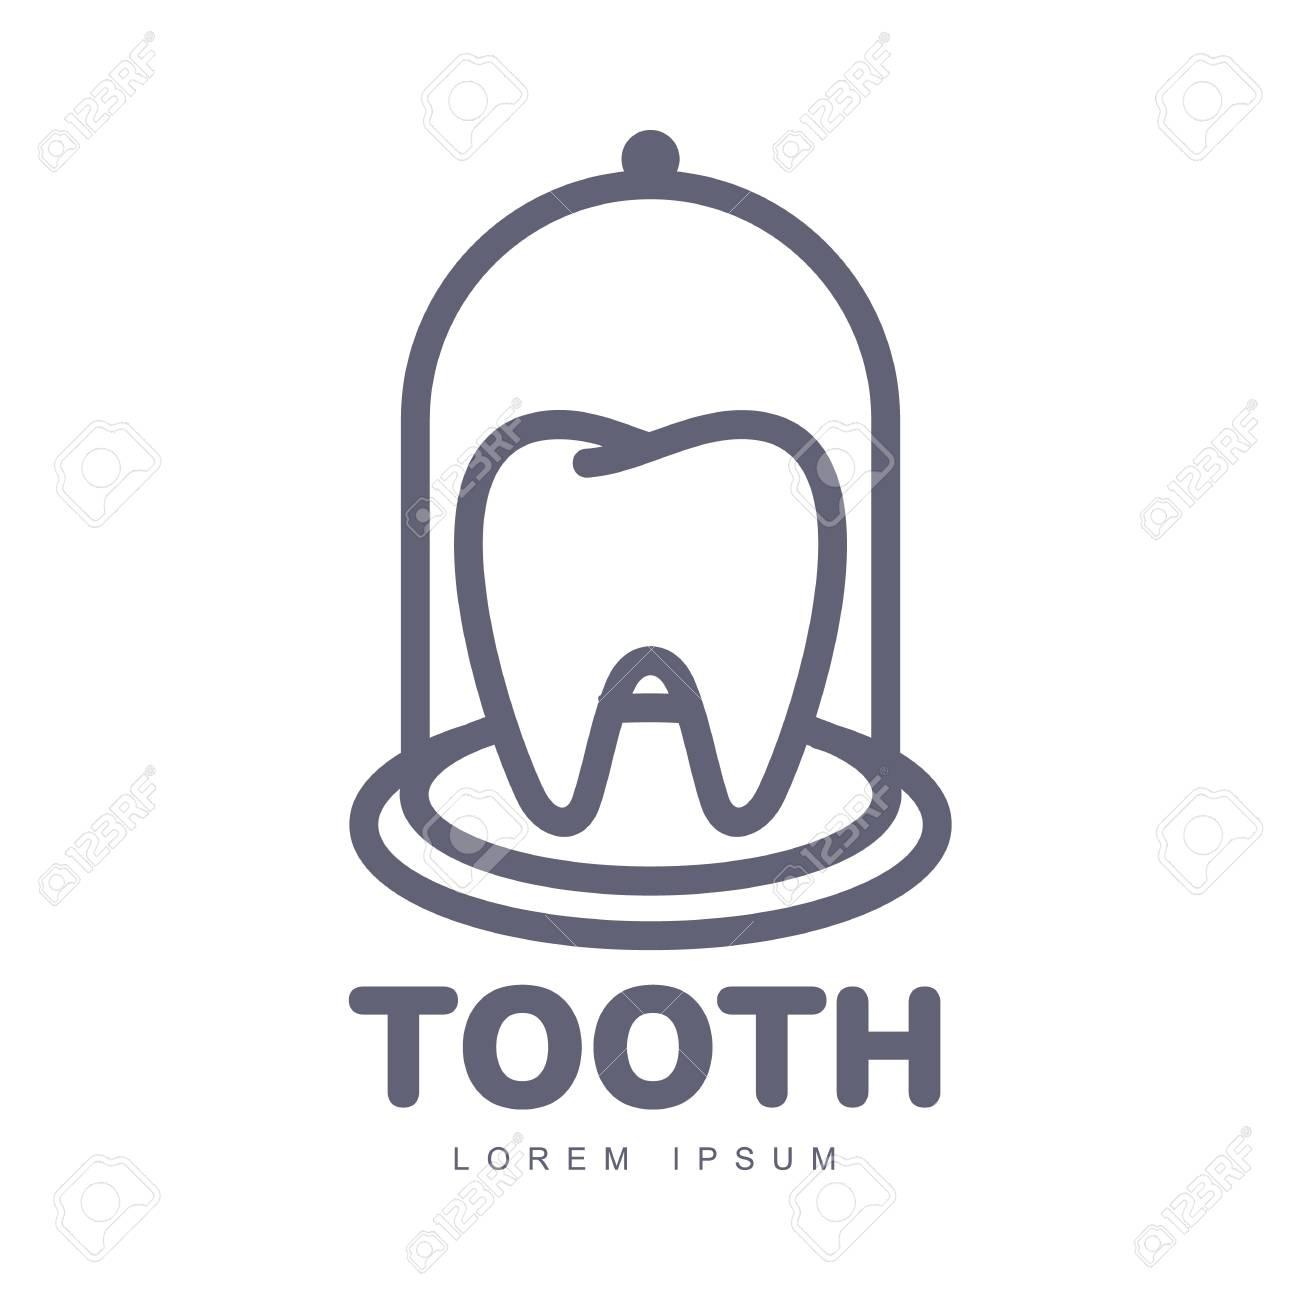 Black and white line art dental care logo template with tooth black and white line art dental care logo template with tooth under bell glass vector maxwellsz